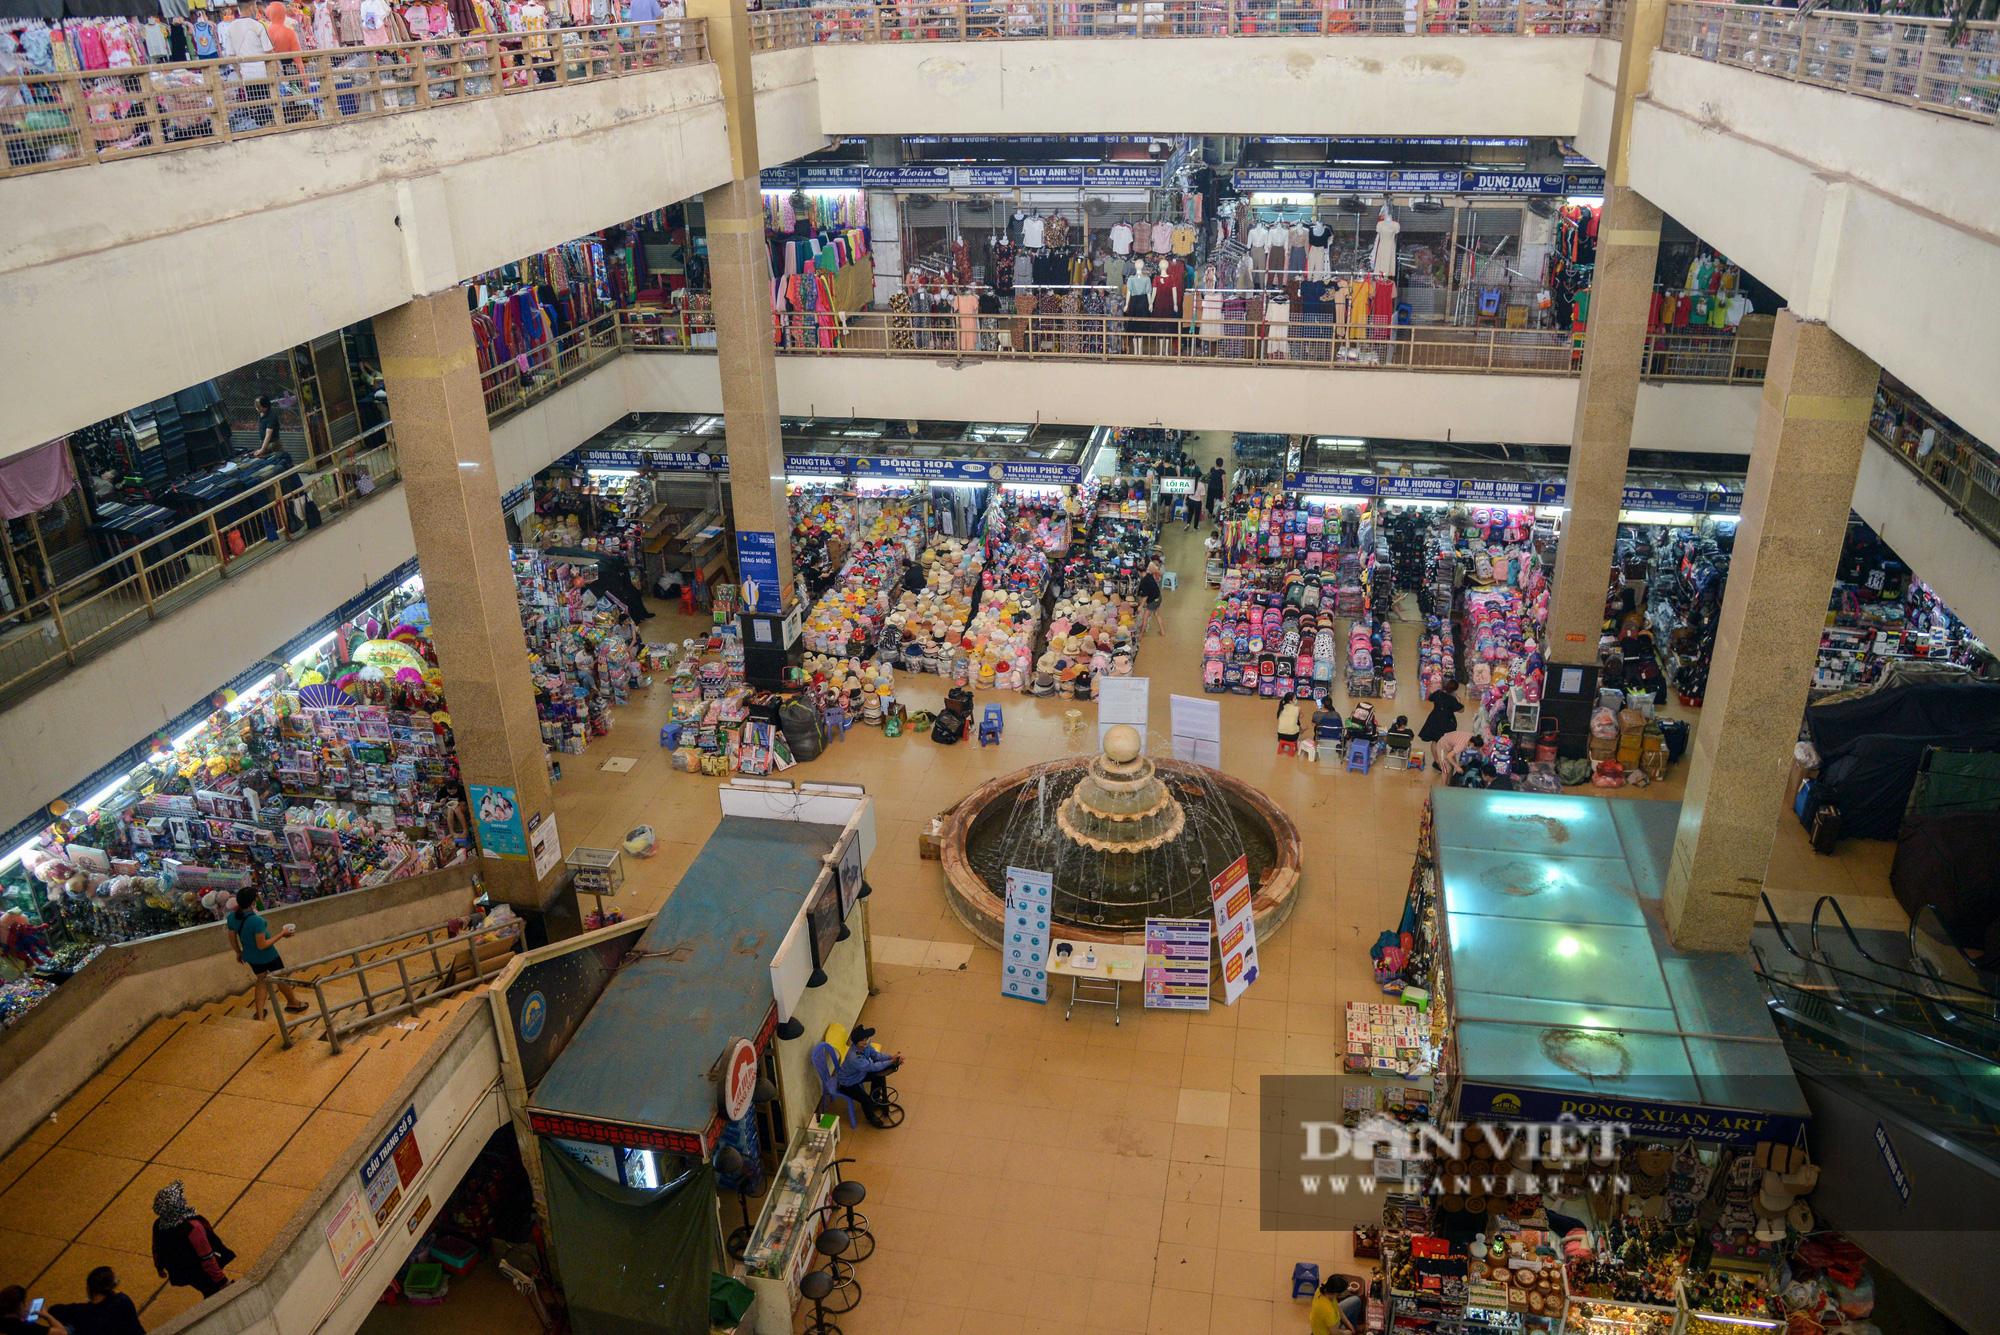 Chợ Đồng Xuân đìu hiu giữa đại dịch Covid-19 - Ảnh 1.